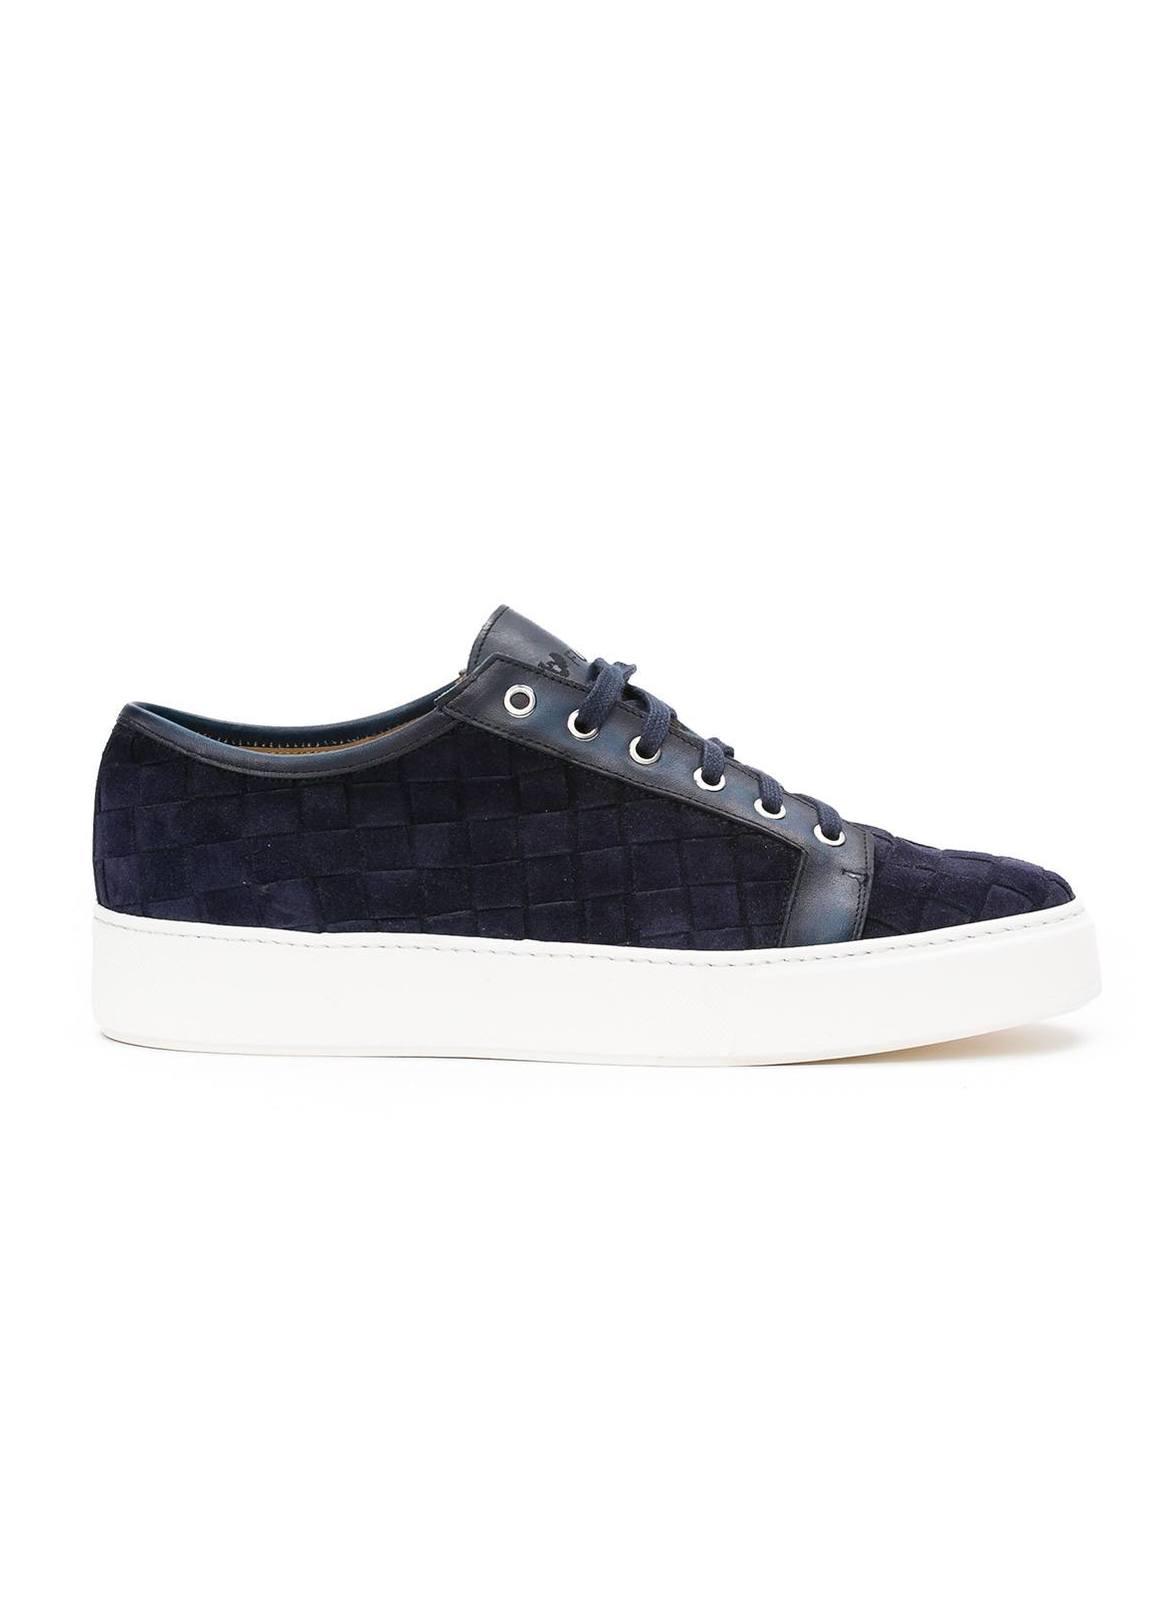 Zapato Sport wear color azul marino,100% Serraje.